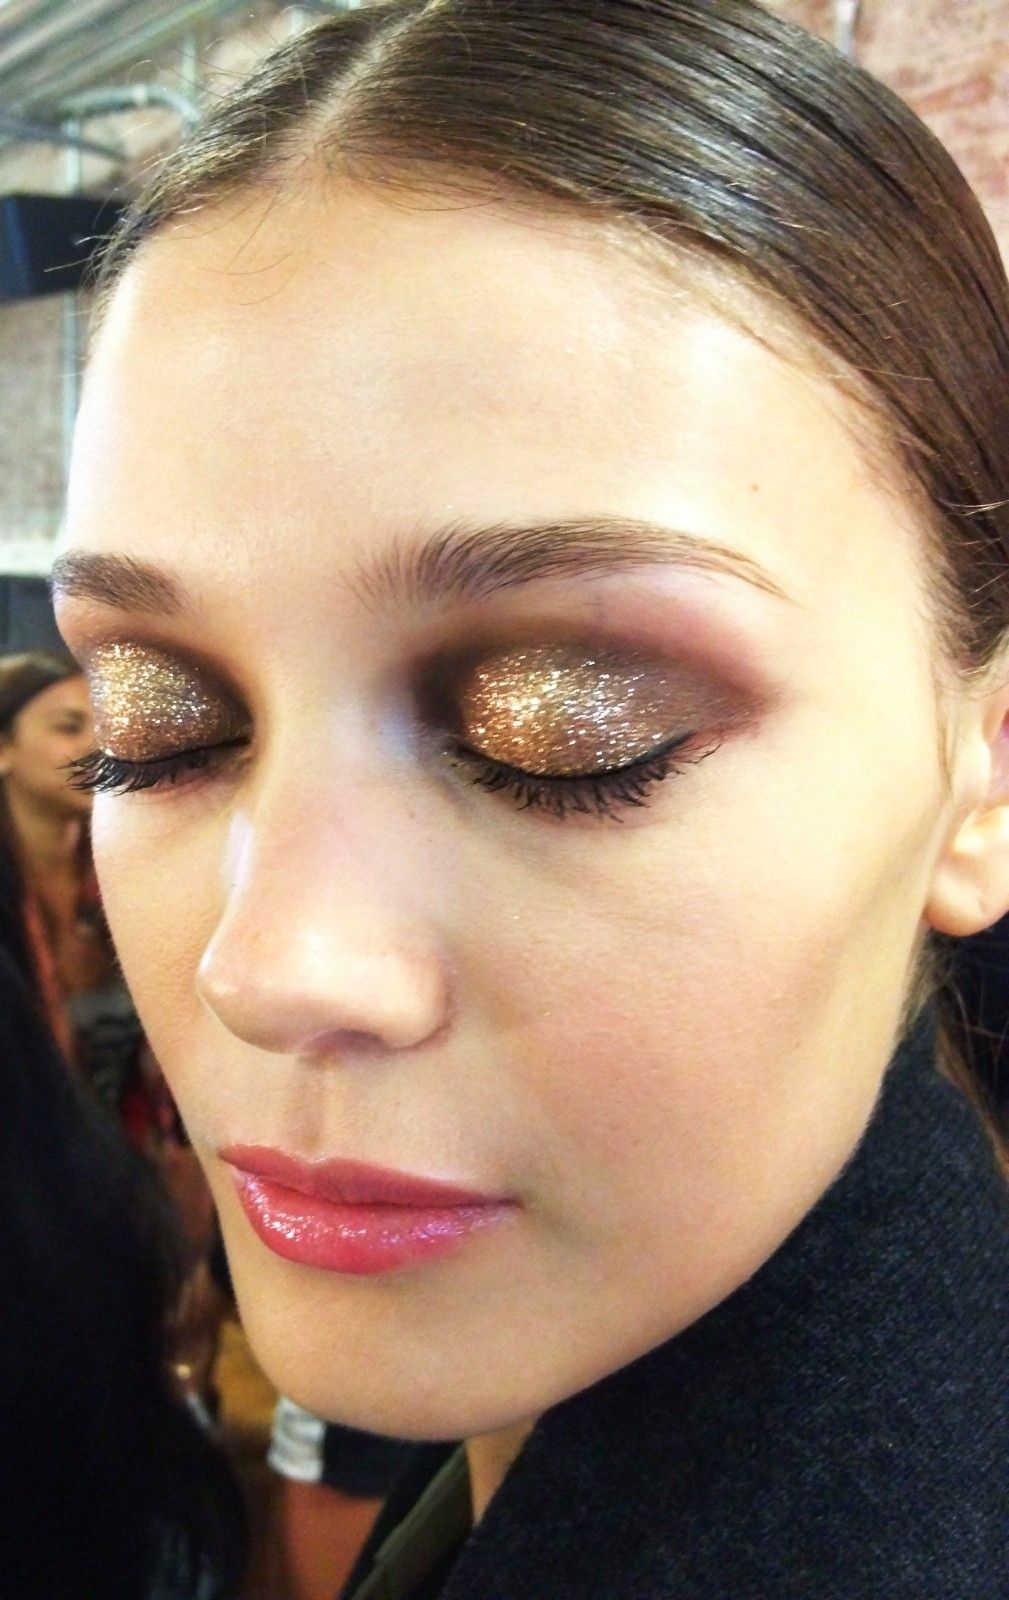 olhos esfumado com marrom e dourado cheio de glitter / brilho